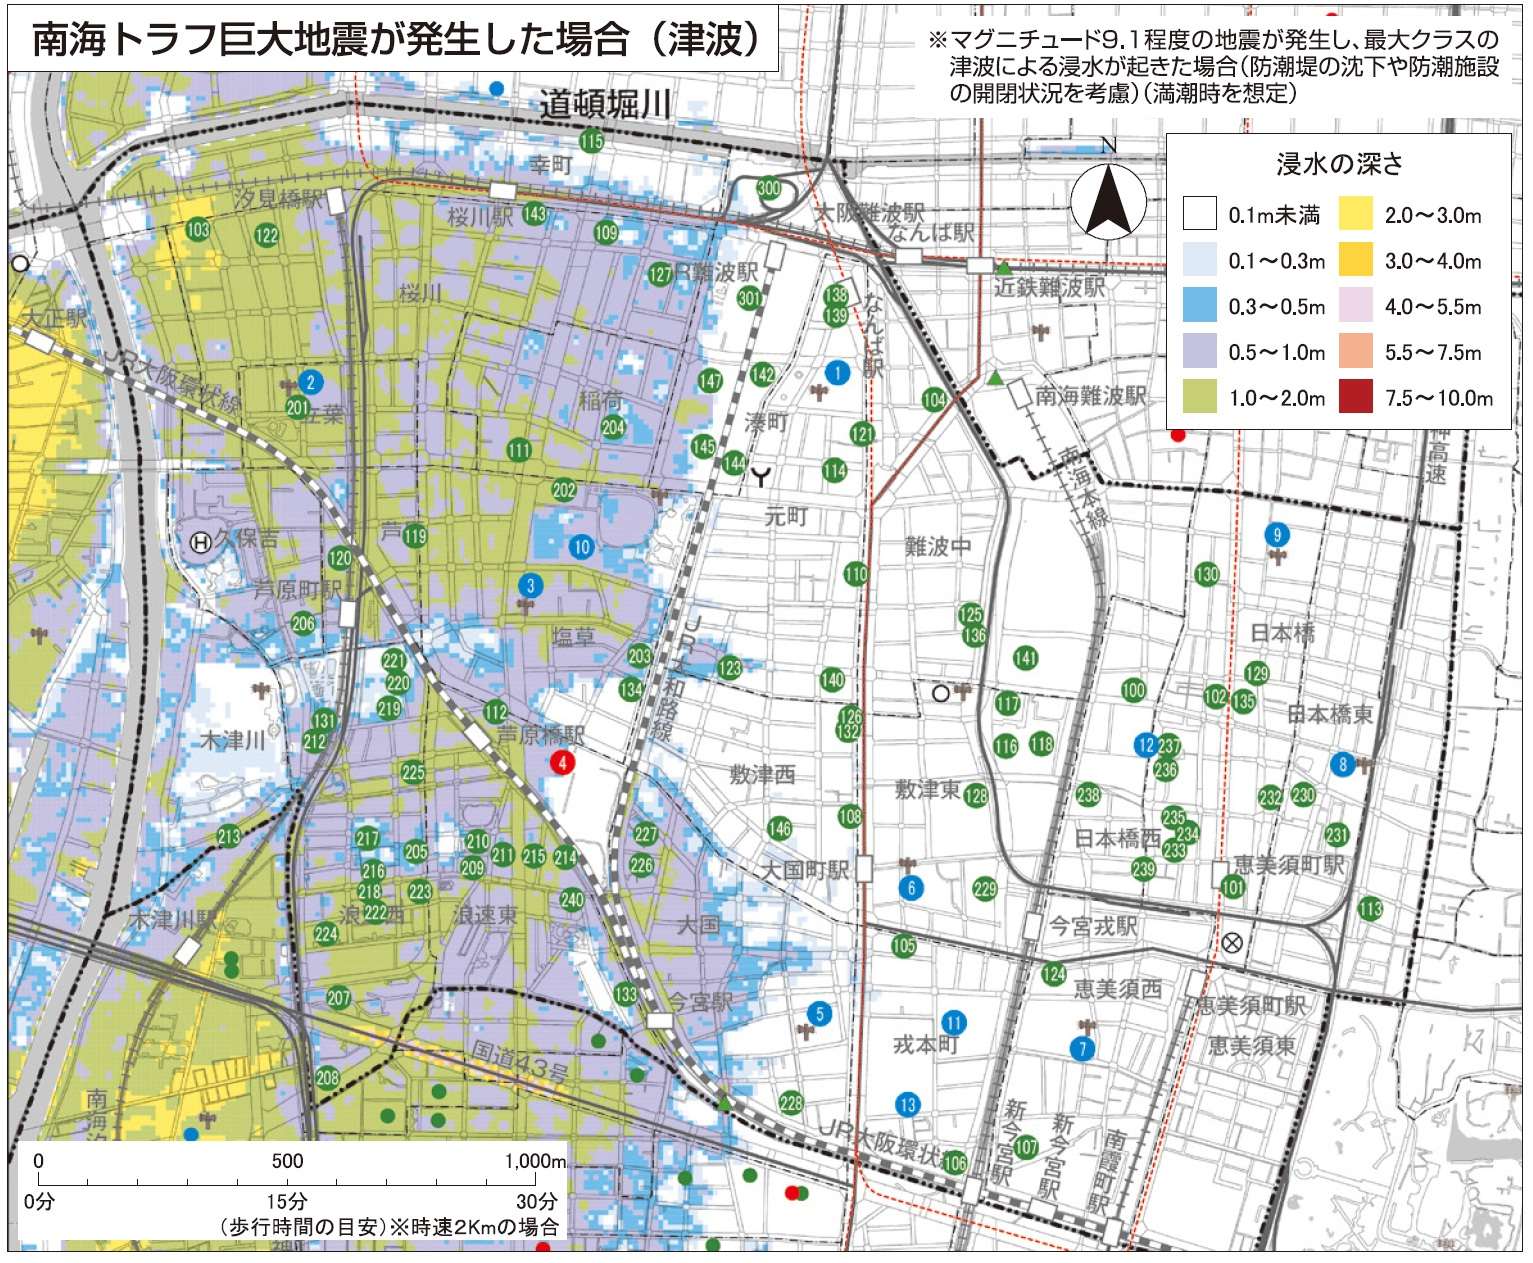 【南海トラフ地震大津波】 大阪府内の被害想定、死者13万3800人超・・・大阪市で防災訓練